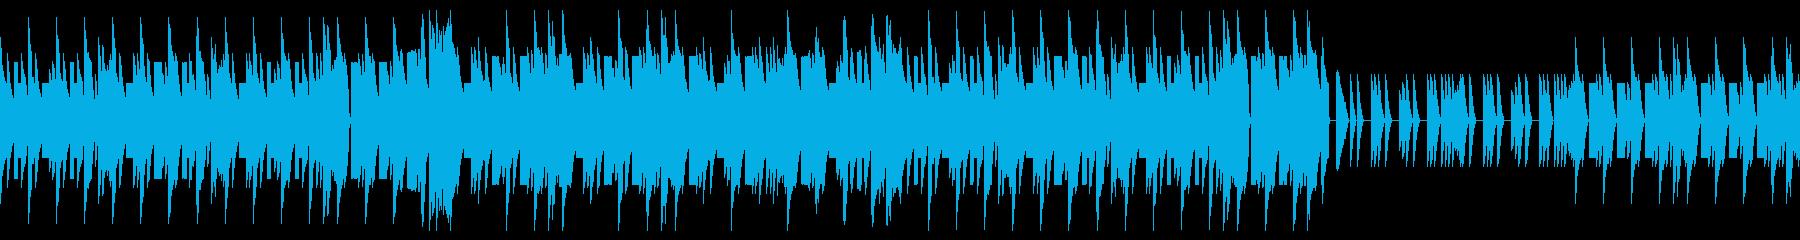 ほのぼのしたレトロゲームのオープニングの再生済みの波形